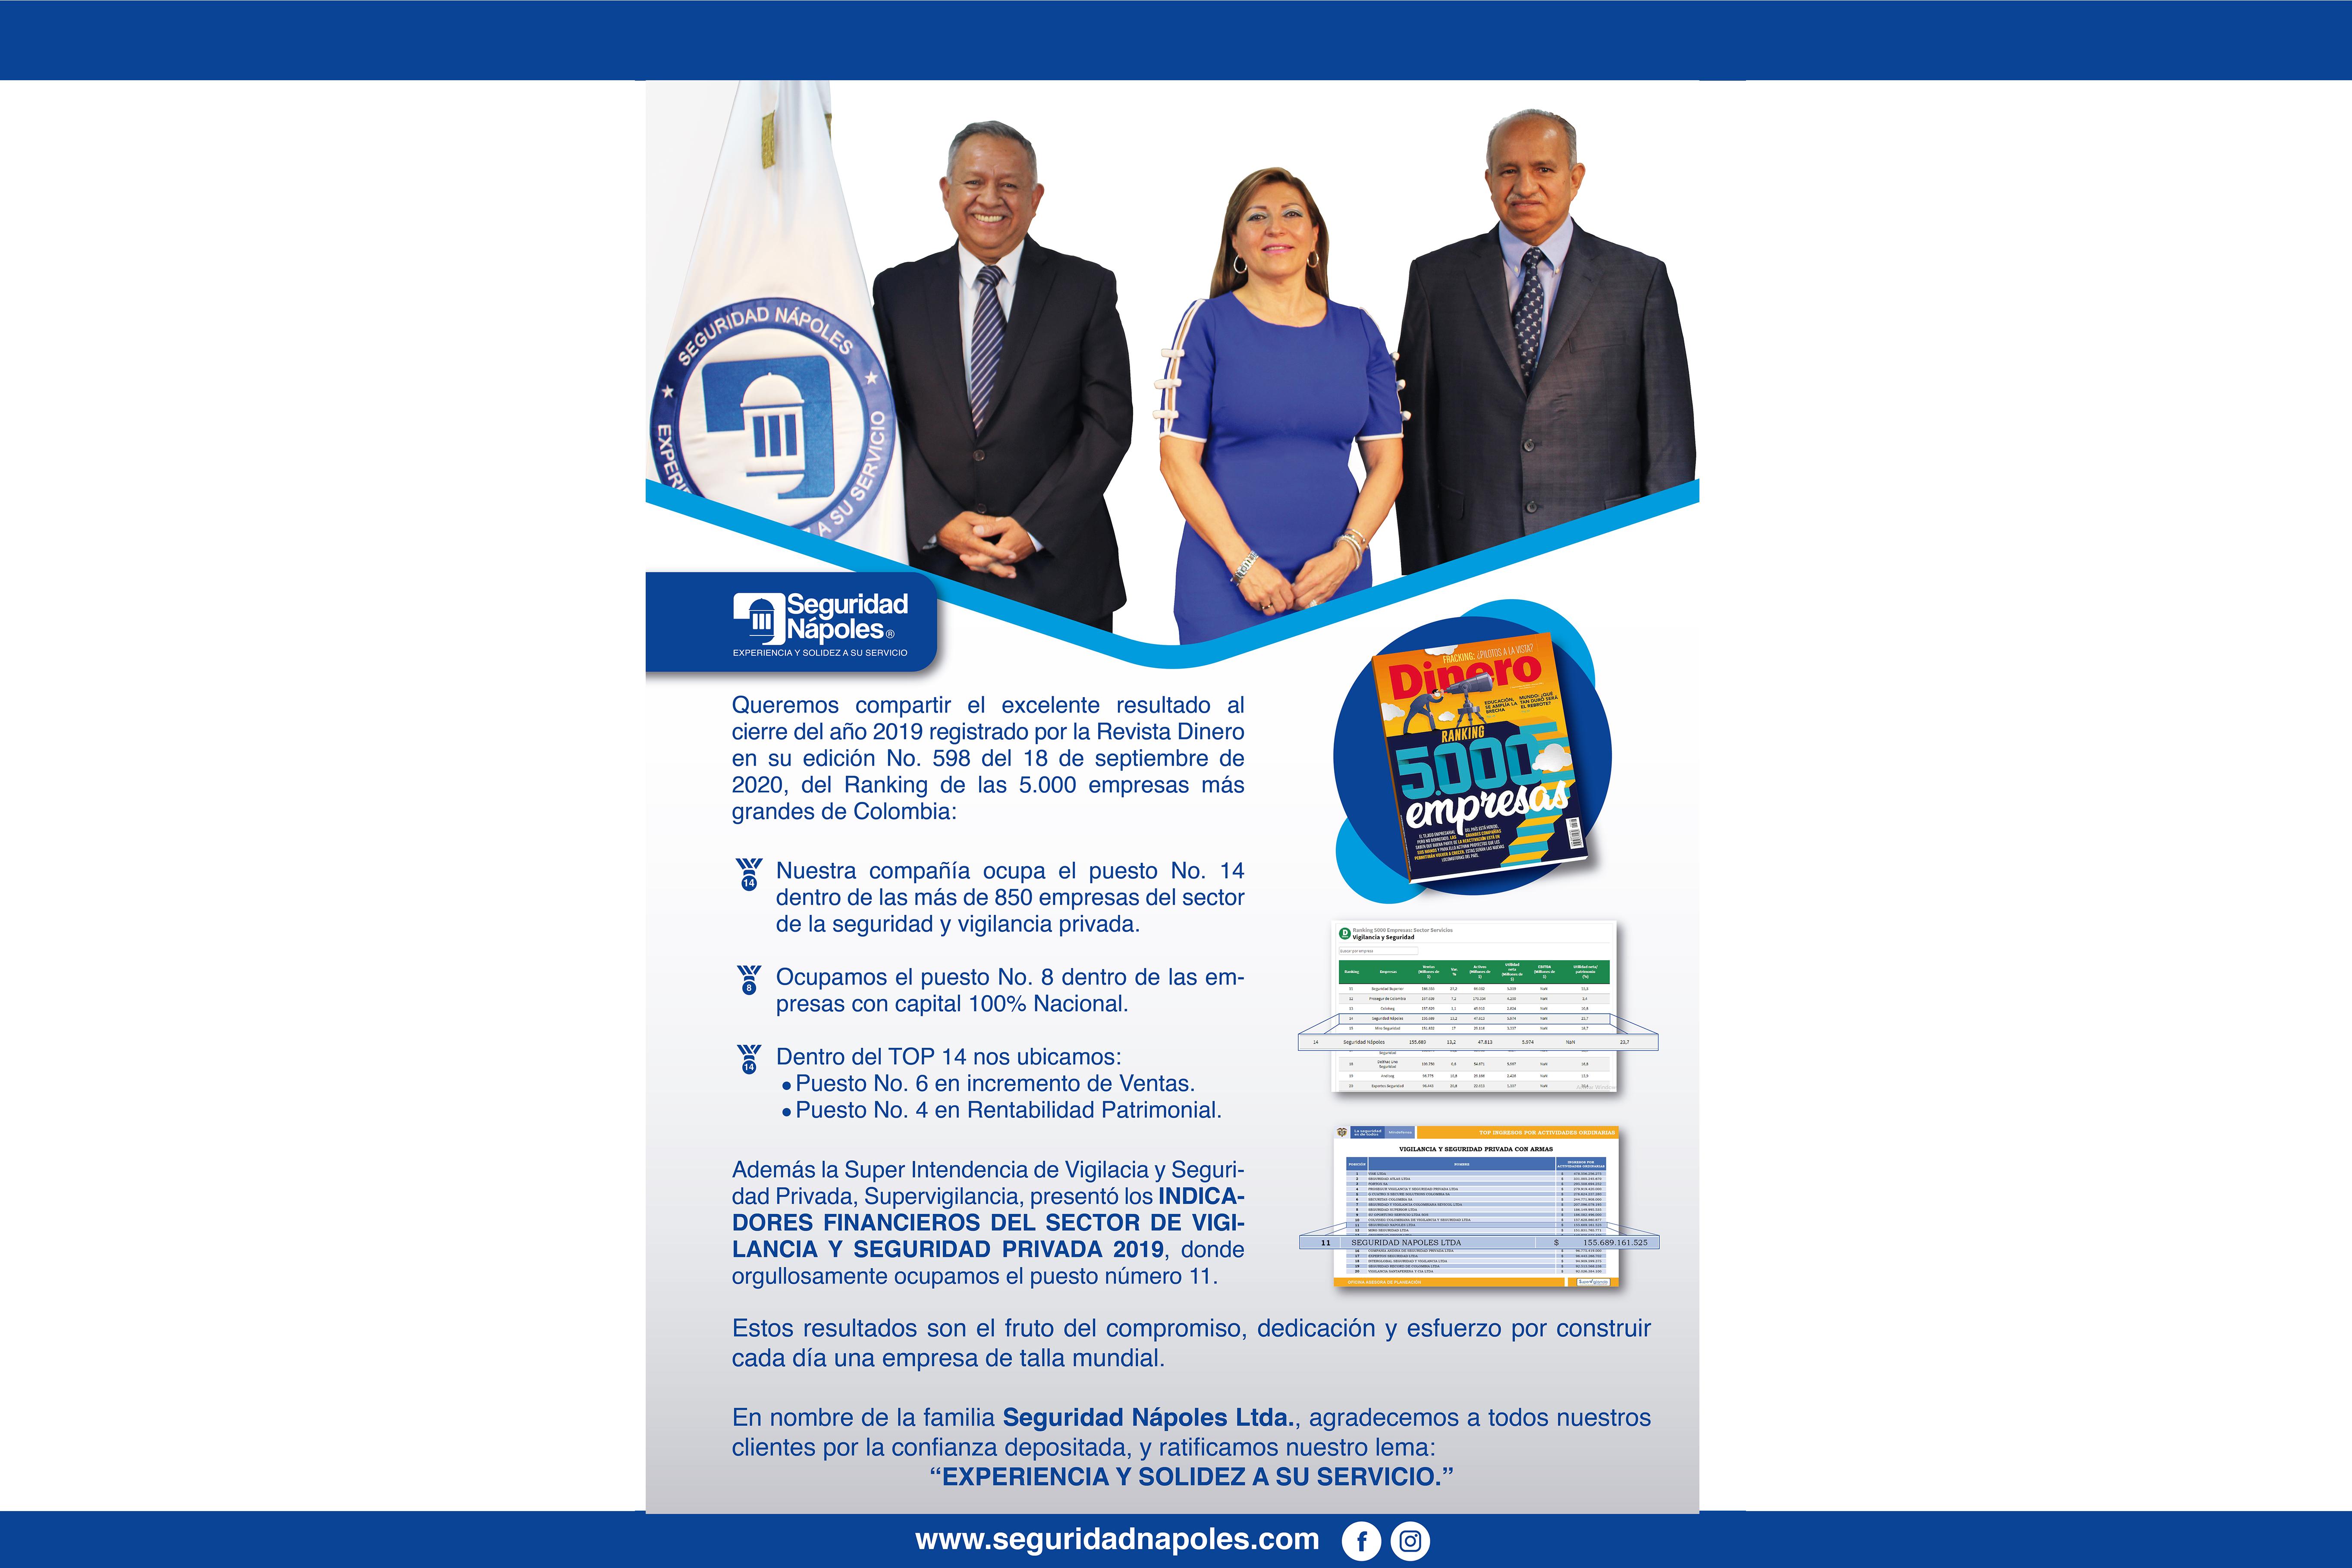 """Agradecemos a todos nuestros clientes y trabajadores por la confianza depositada, y ratificamos nuestro lema: """"Experiencia y solidez a su servicio."""""""